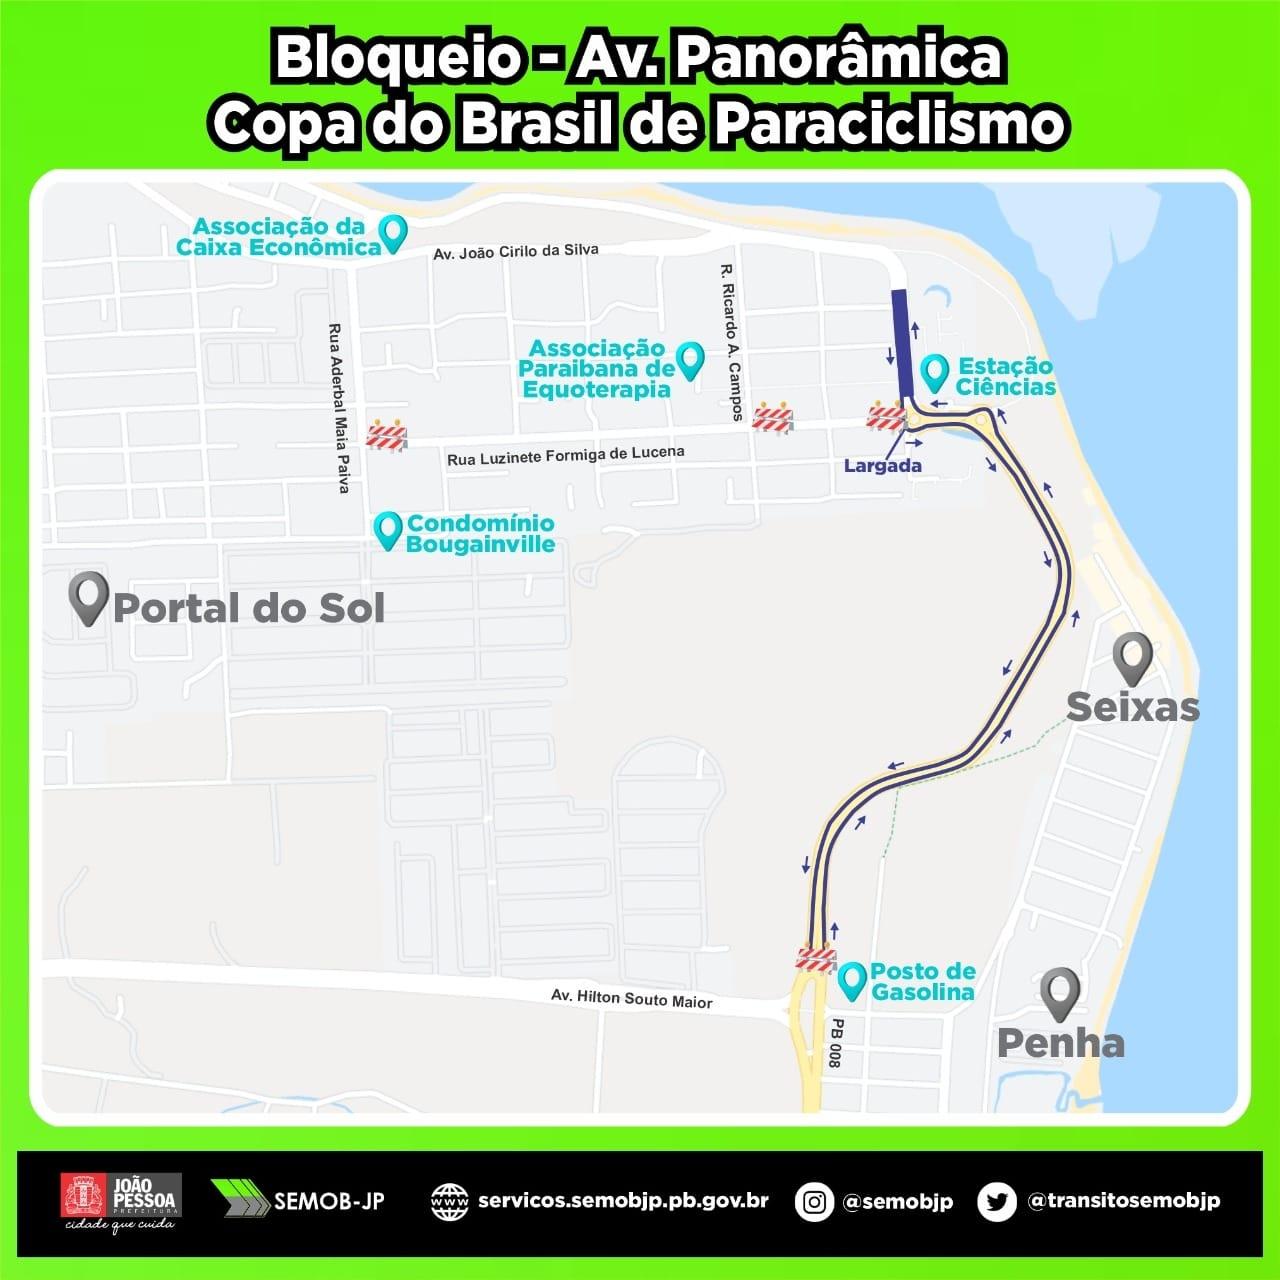 copa do brasil paraciclismo - Semob bloqueia trecho da Av. Panorâmica, em João Pessoa, para realização da Copa Brasil de Paraciclismo